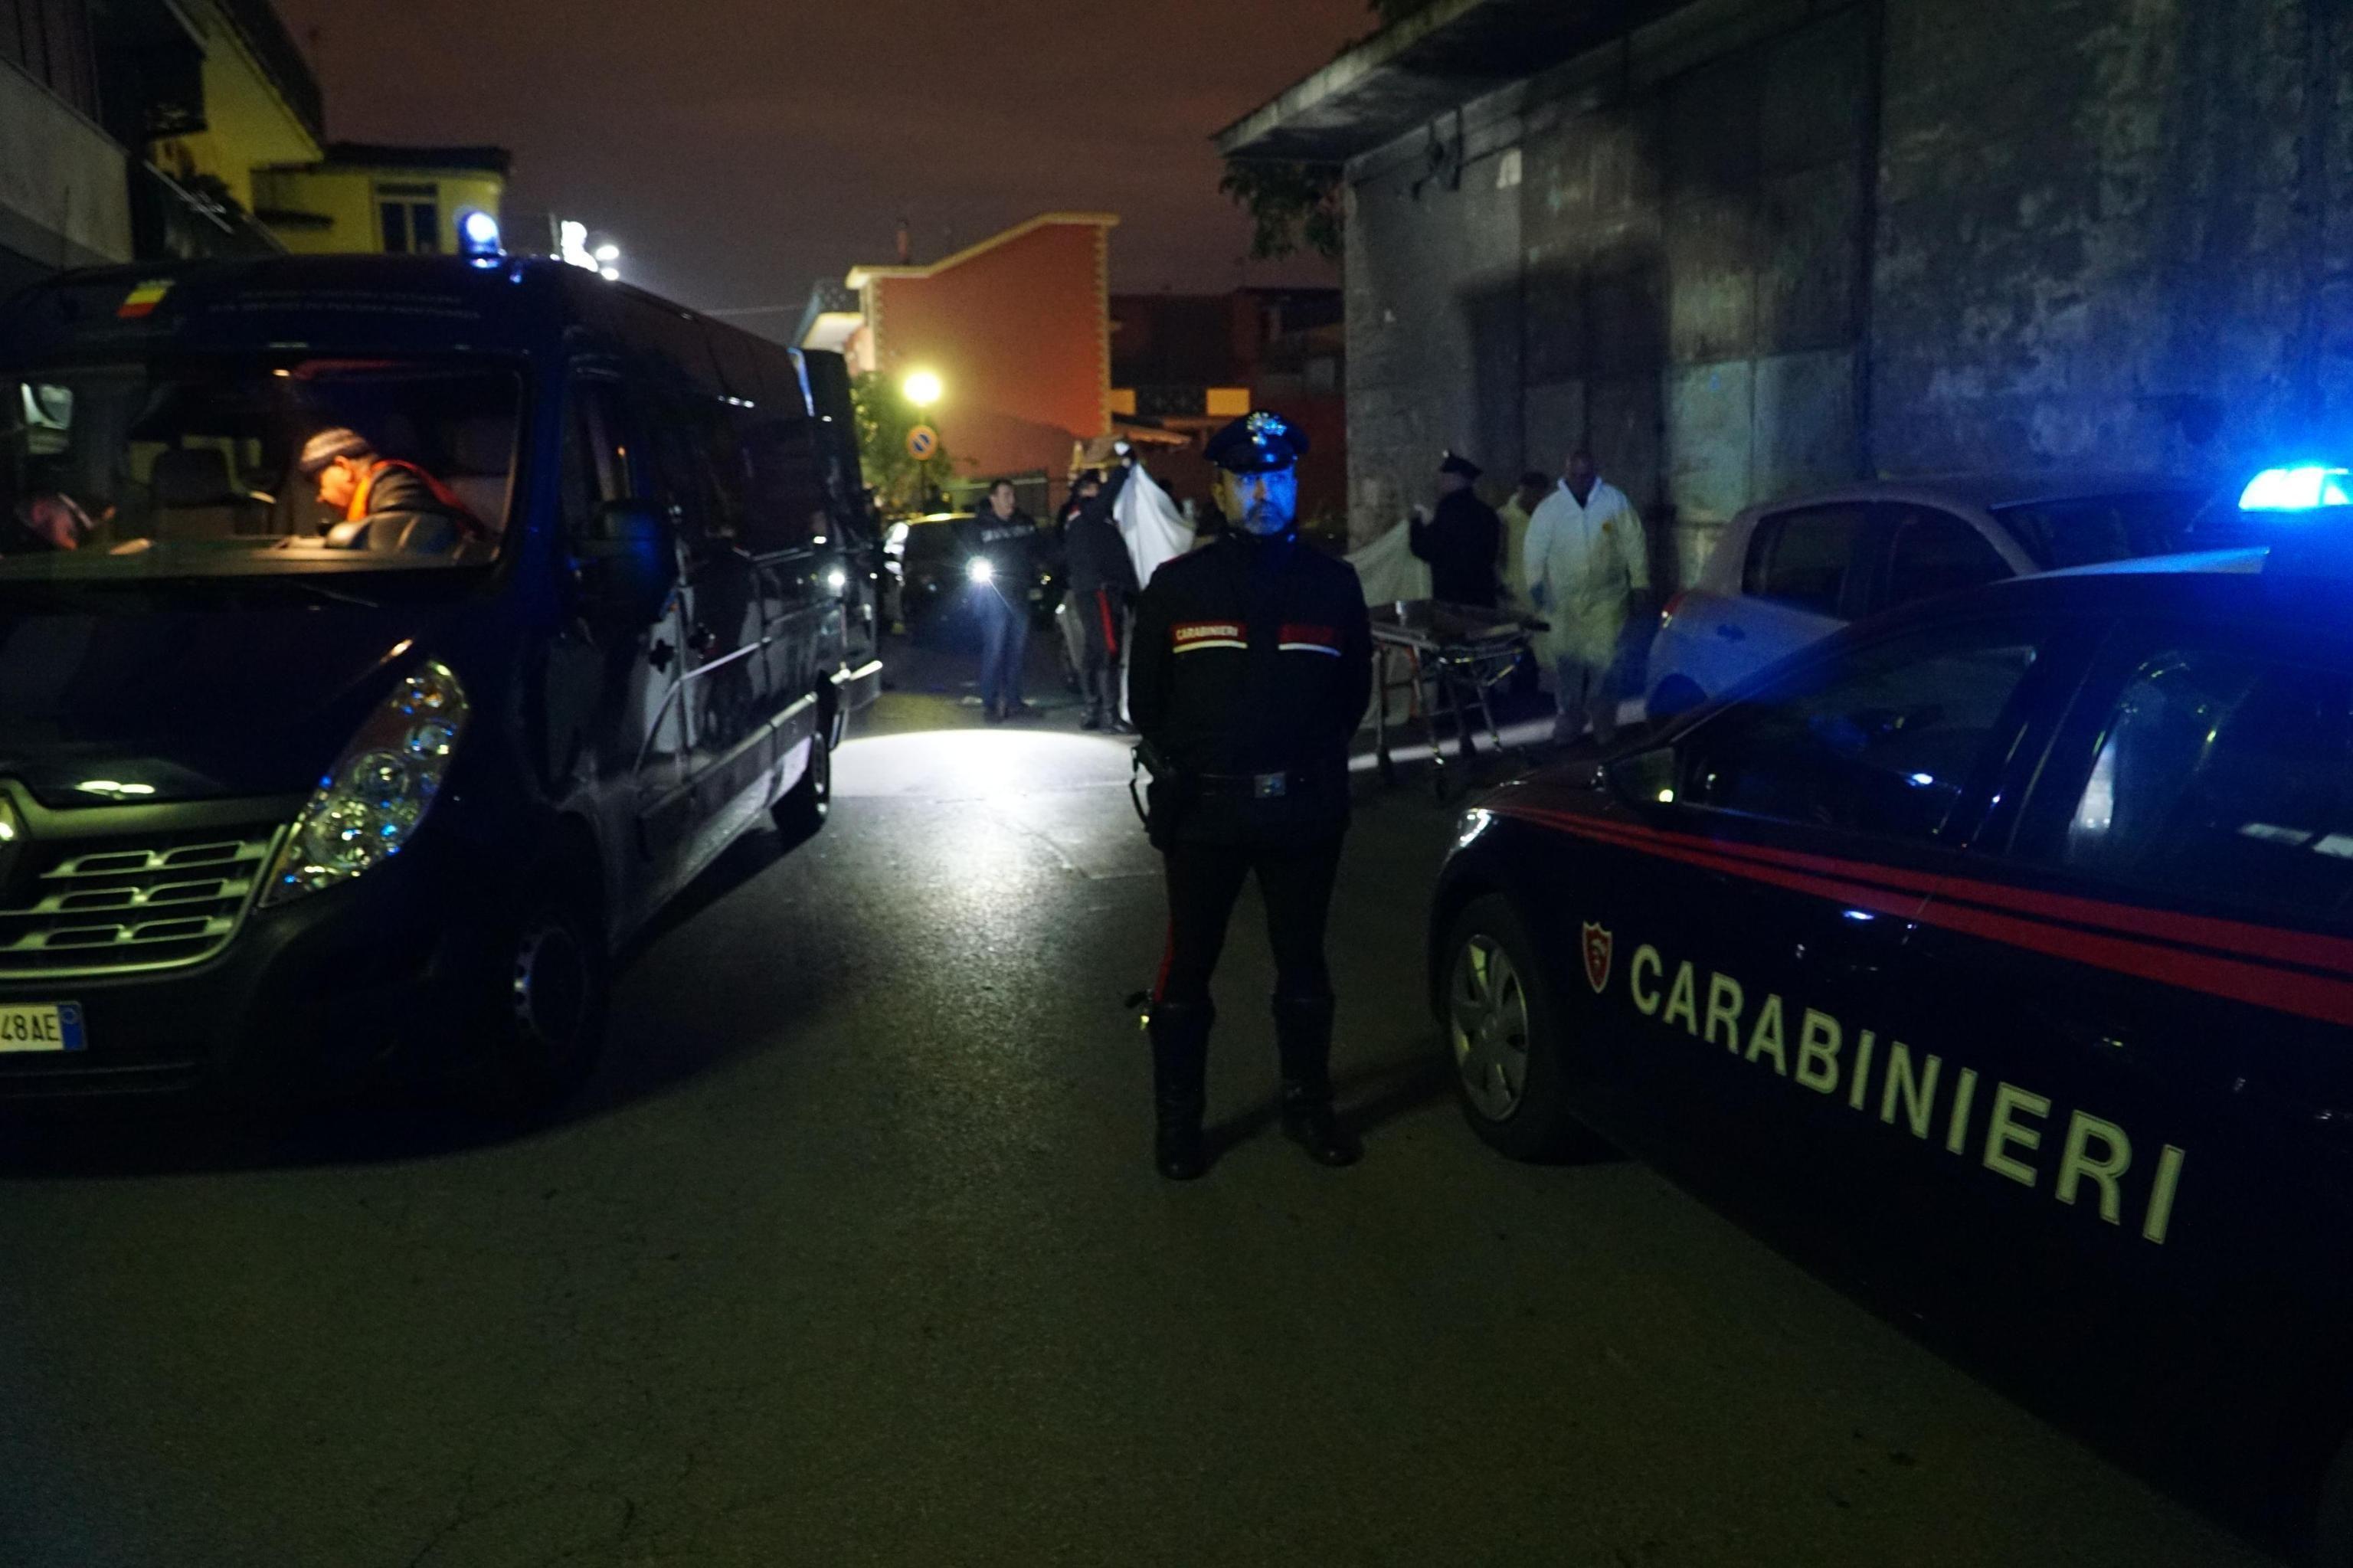 Napoli - Agguato a Casalnuovo: Morti madre di 55 anni e il figlio 34enne pregiudicato